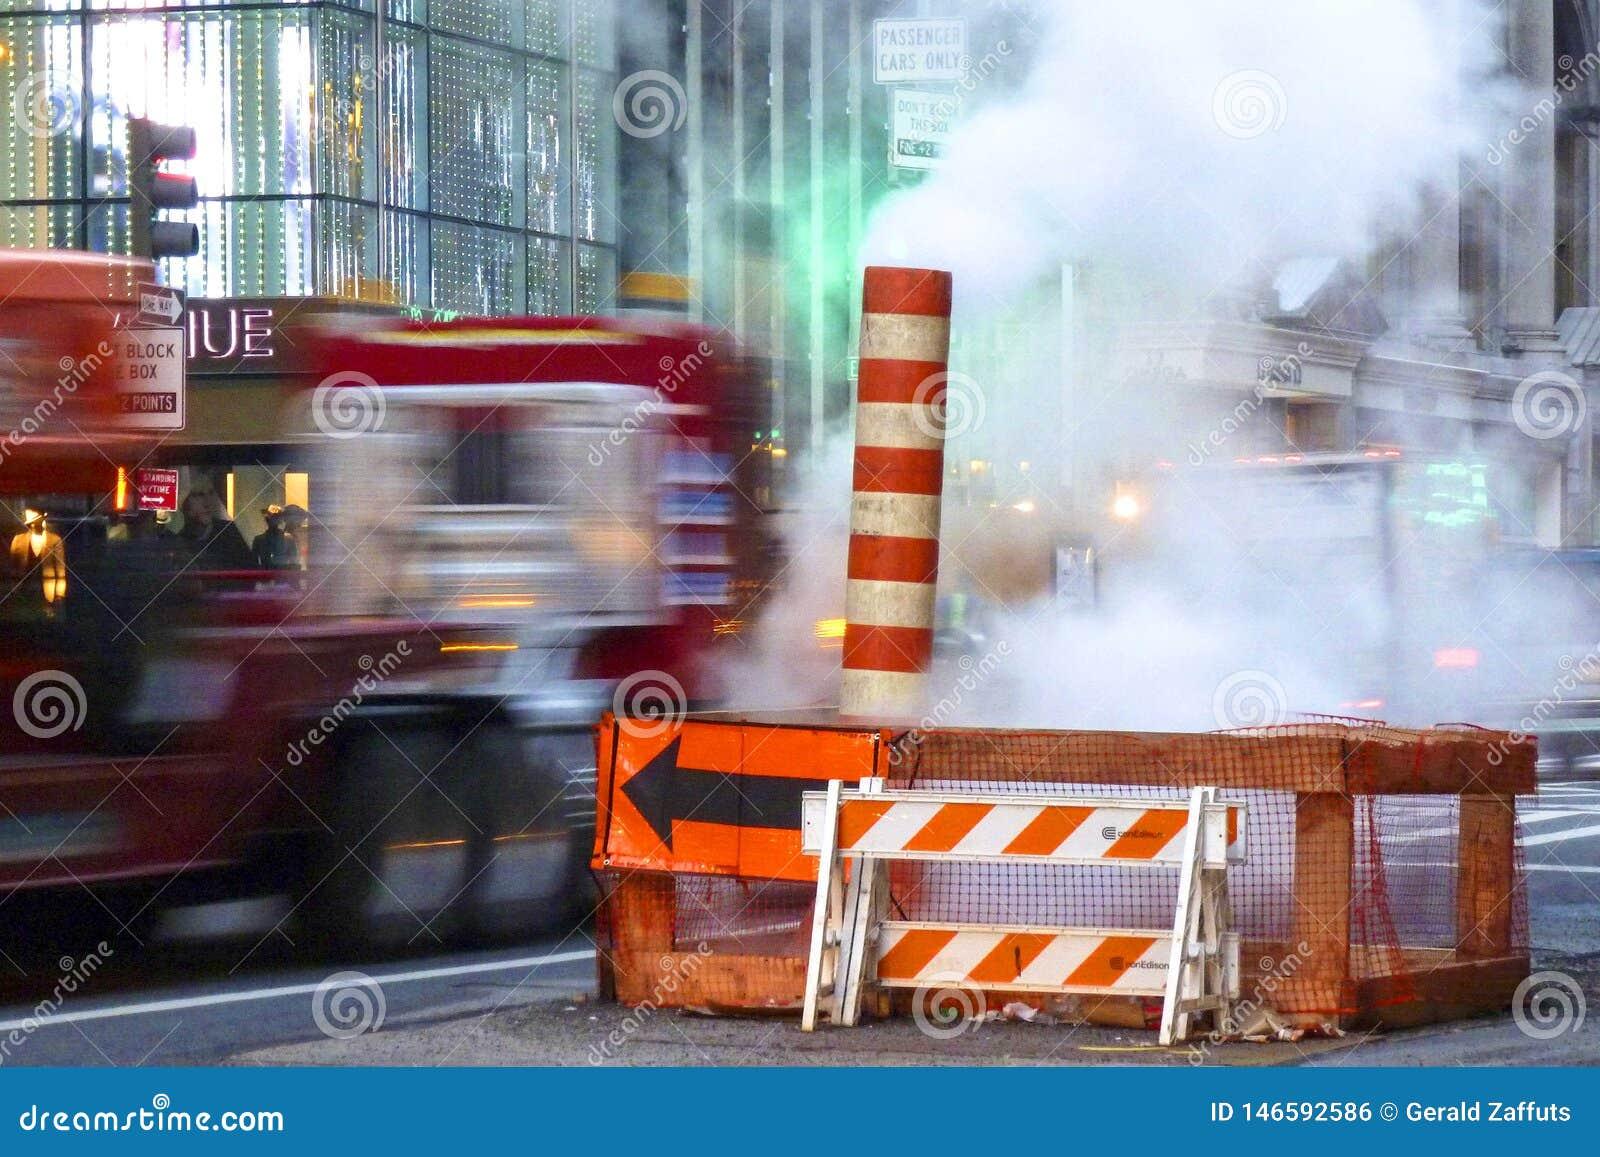 Nueva York - 6 de febrero de 2013: reparaciones de la calle con vapor y tráfico de precipitación